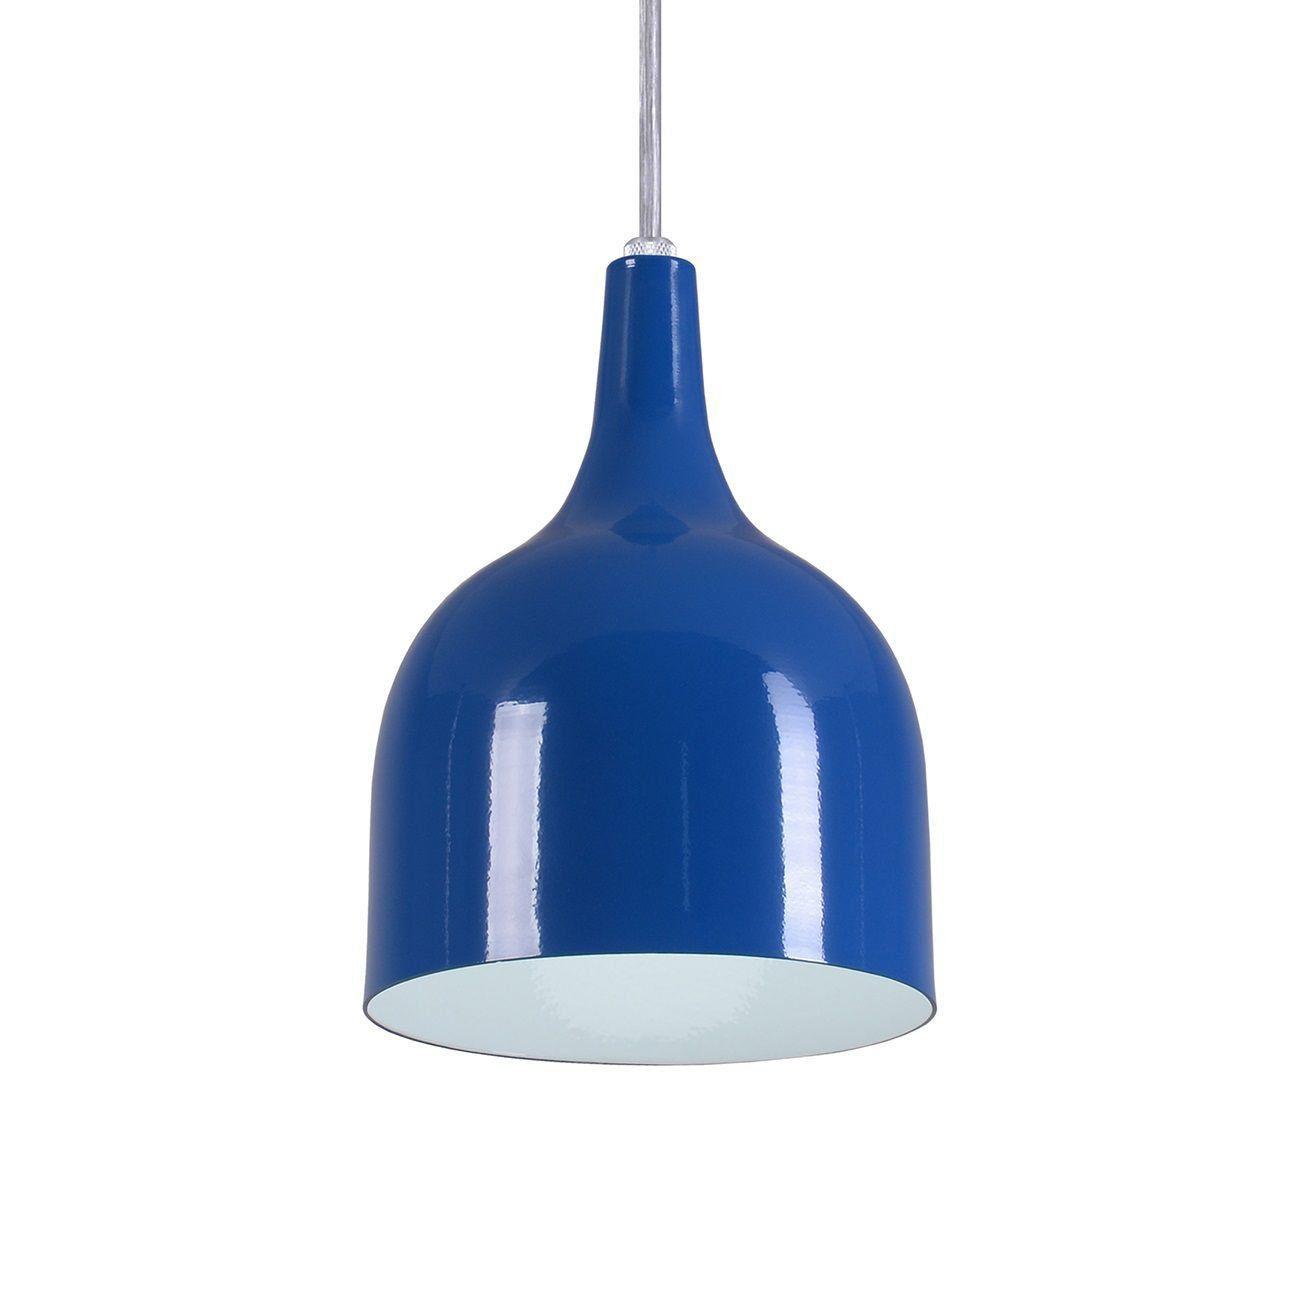 Pendente Gota Teat Luminária Lustre Alumínio Azul Royal - Rei Da Iluminação